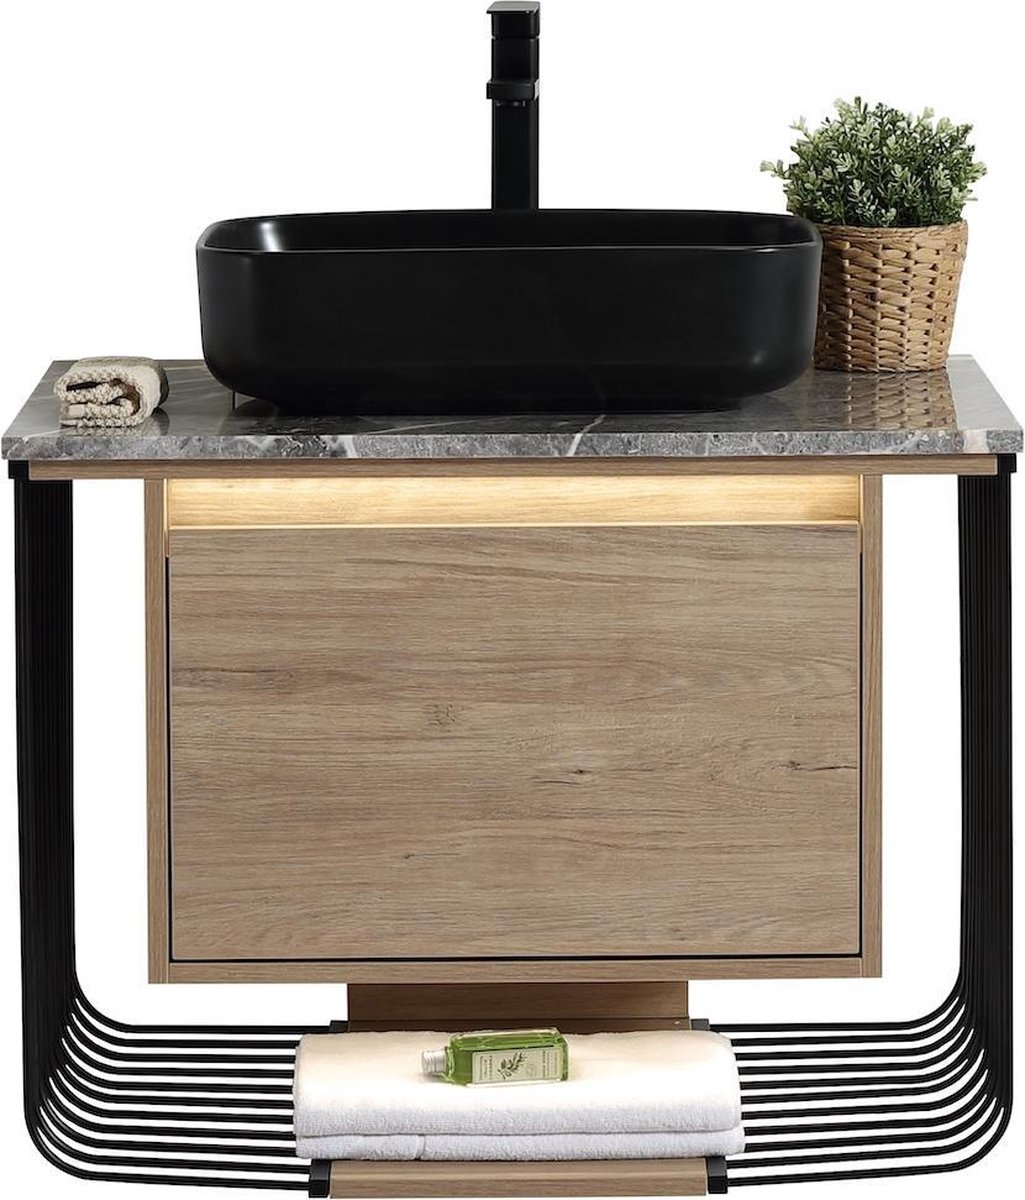 Badplaats - Badkamermeubel Salcedo 80cm - Hout met zwart frame - wastafelkast met waskom